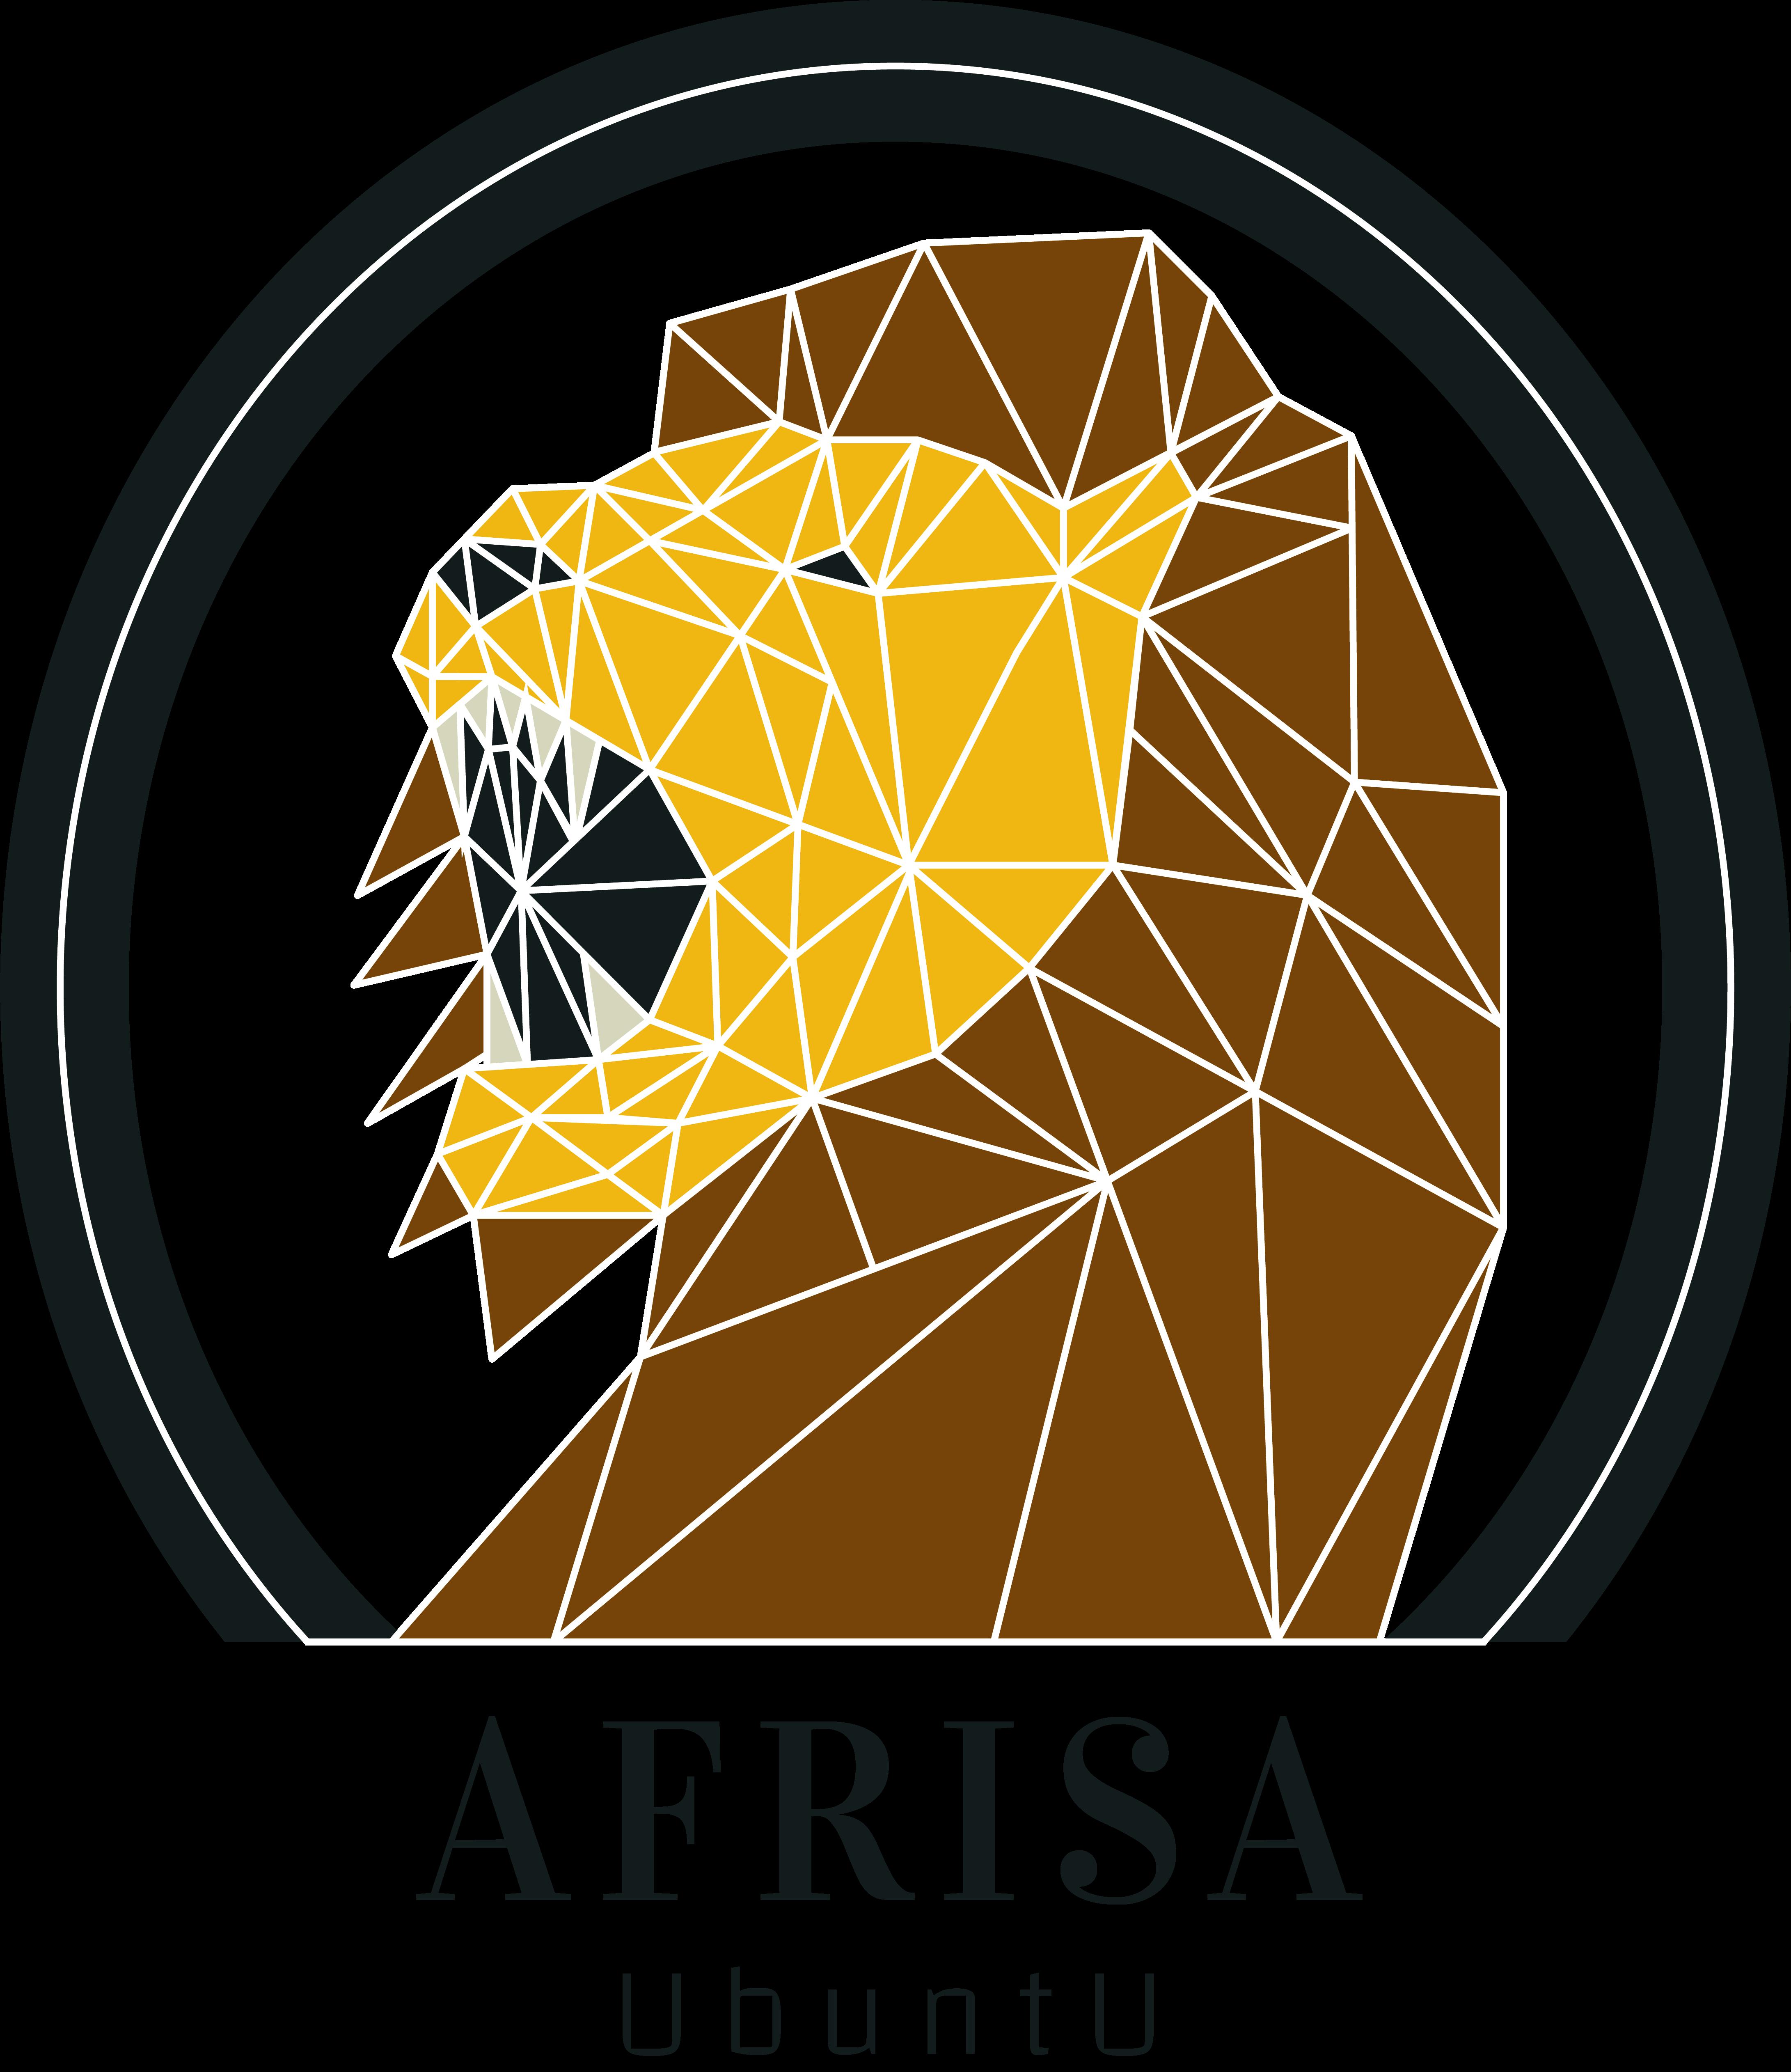 AFRISA